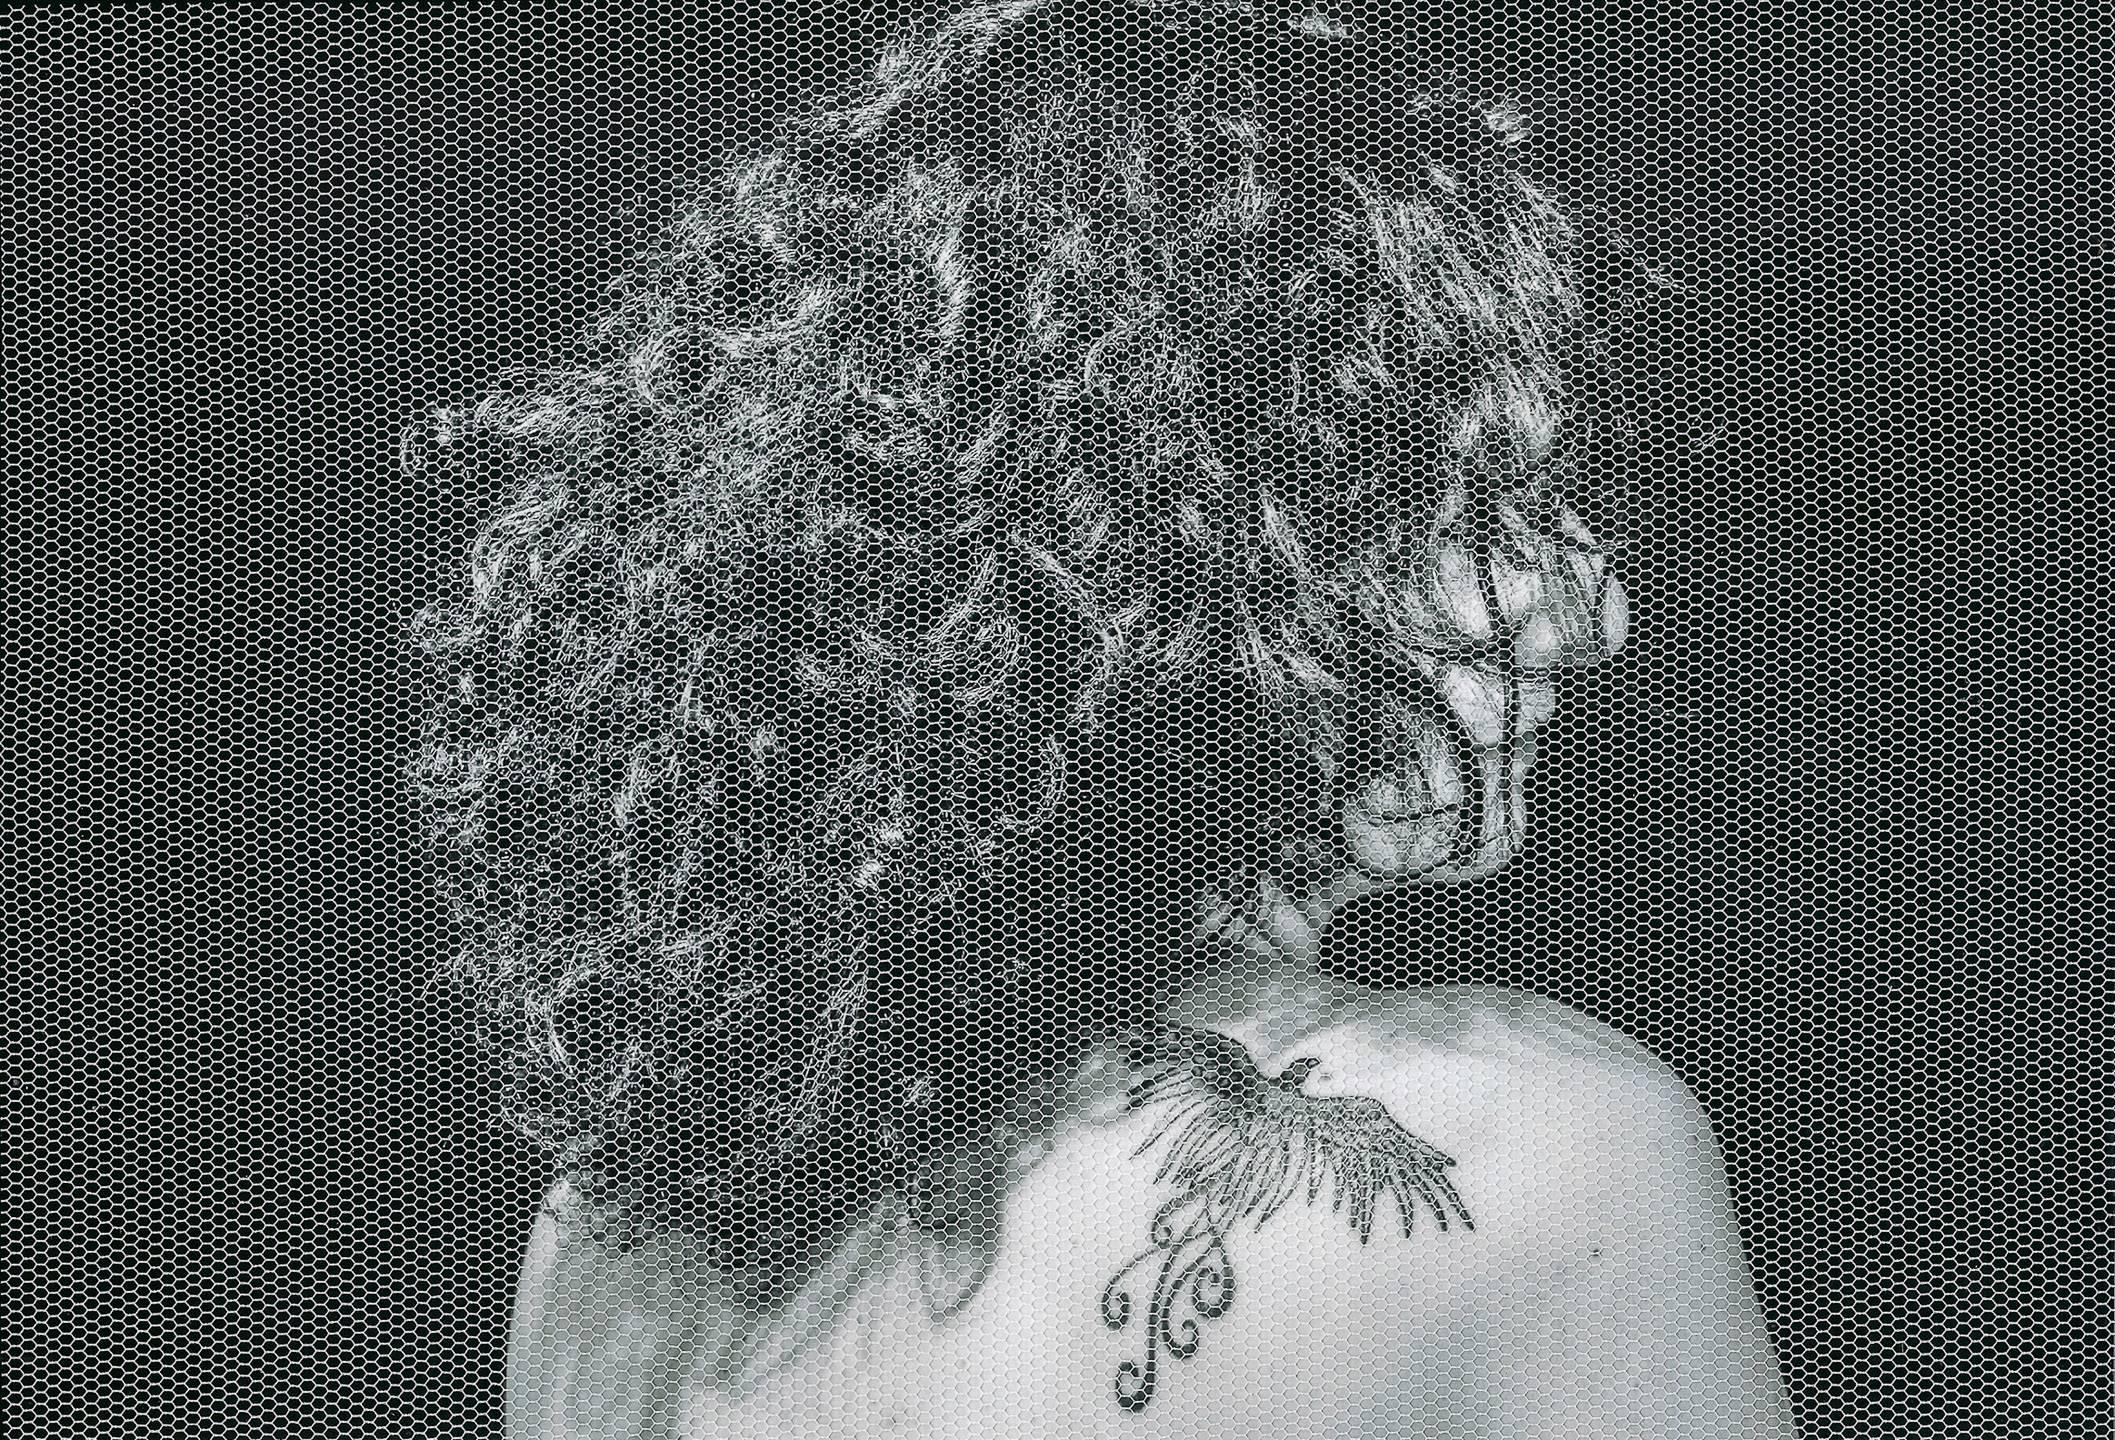 Tatoothérapie - Enissa par Silva Usta